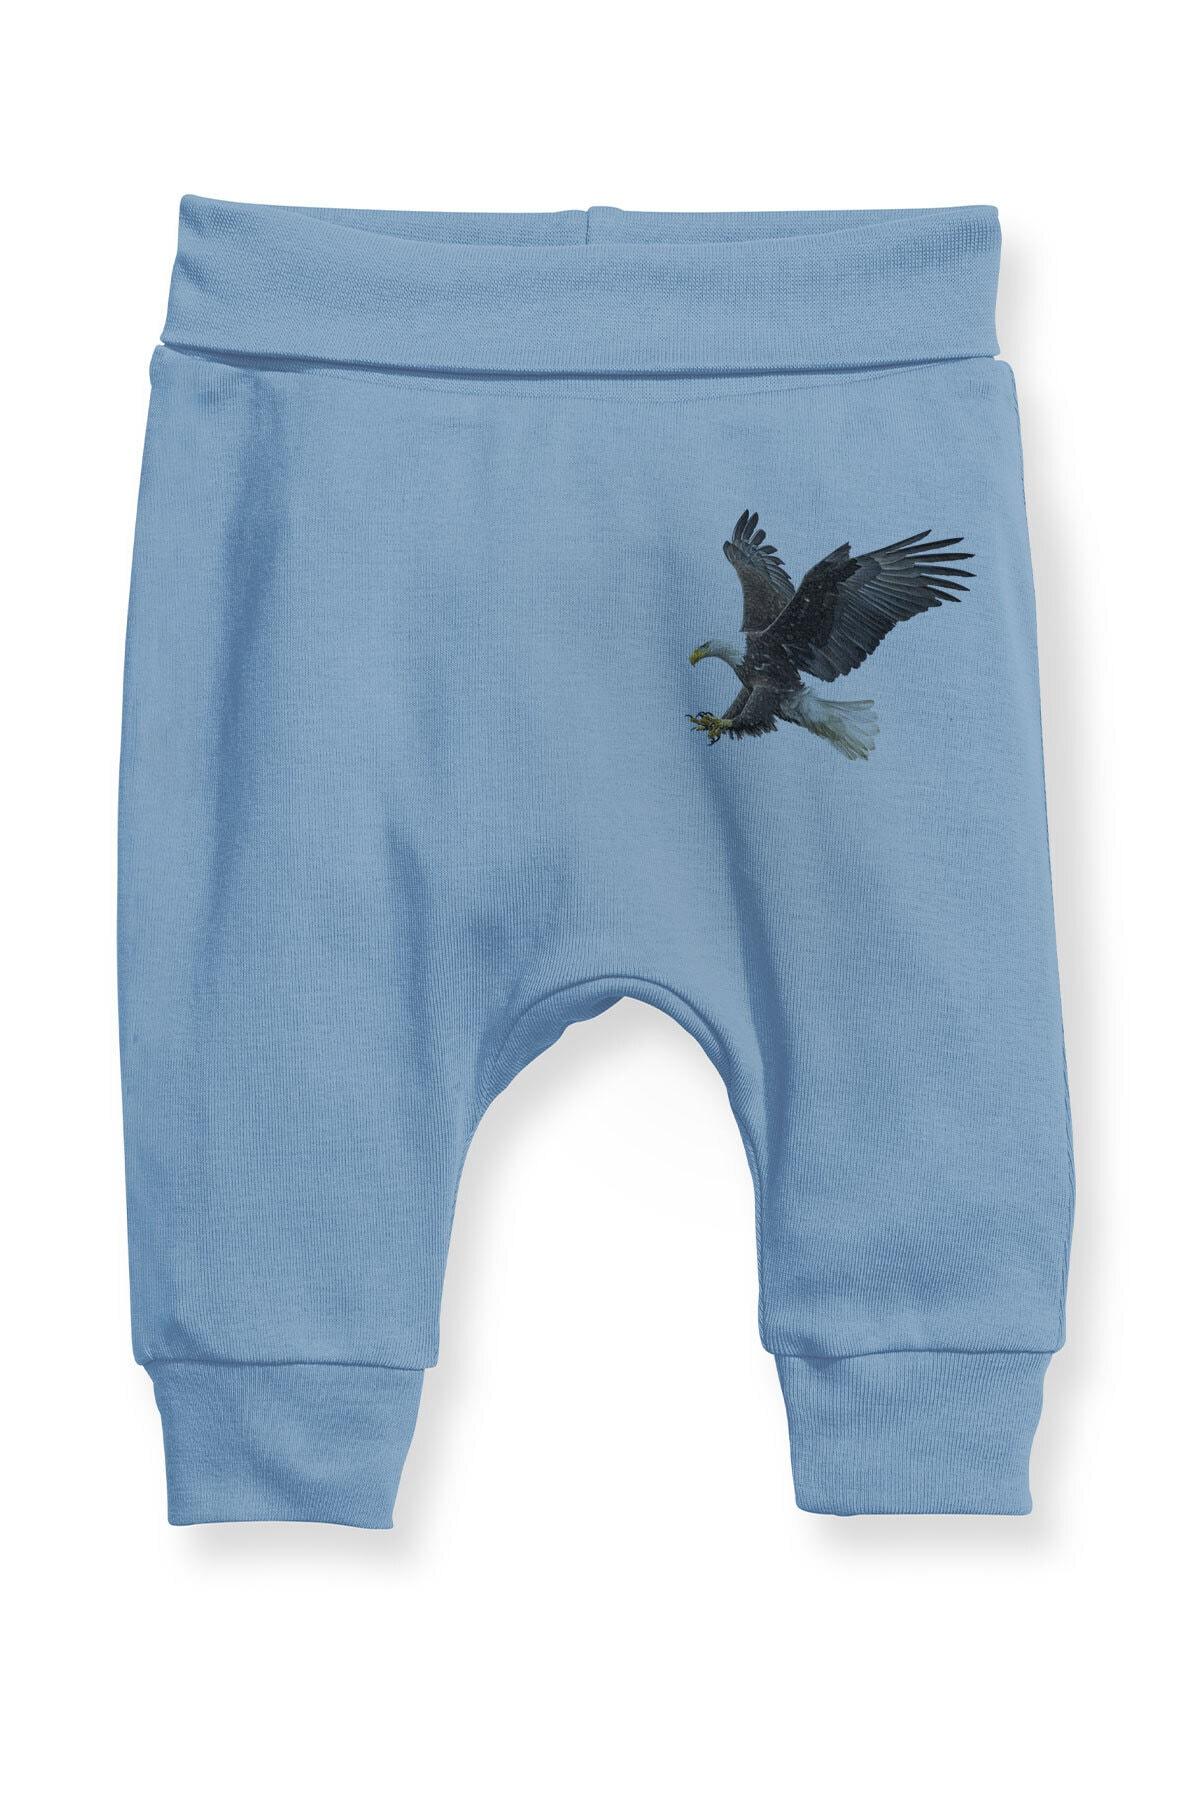 Angemiel Erkek Bebek Mavi Şahin Baskılı Şalvar Pantolon 1